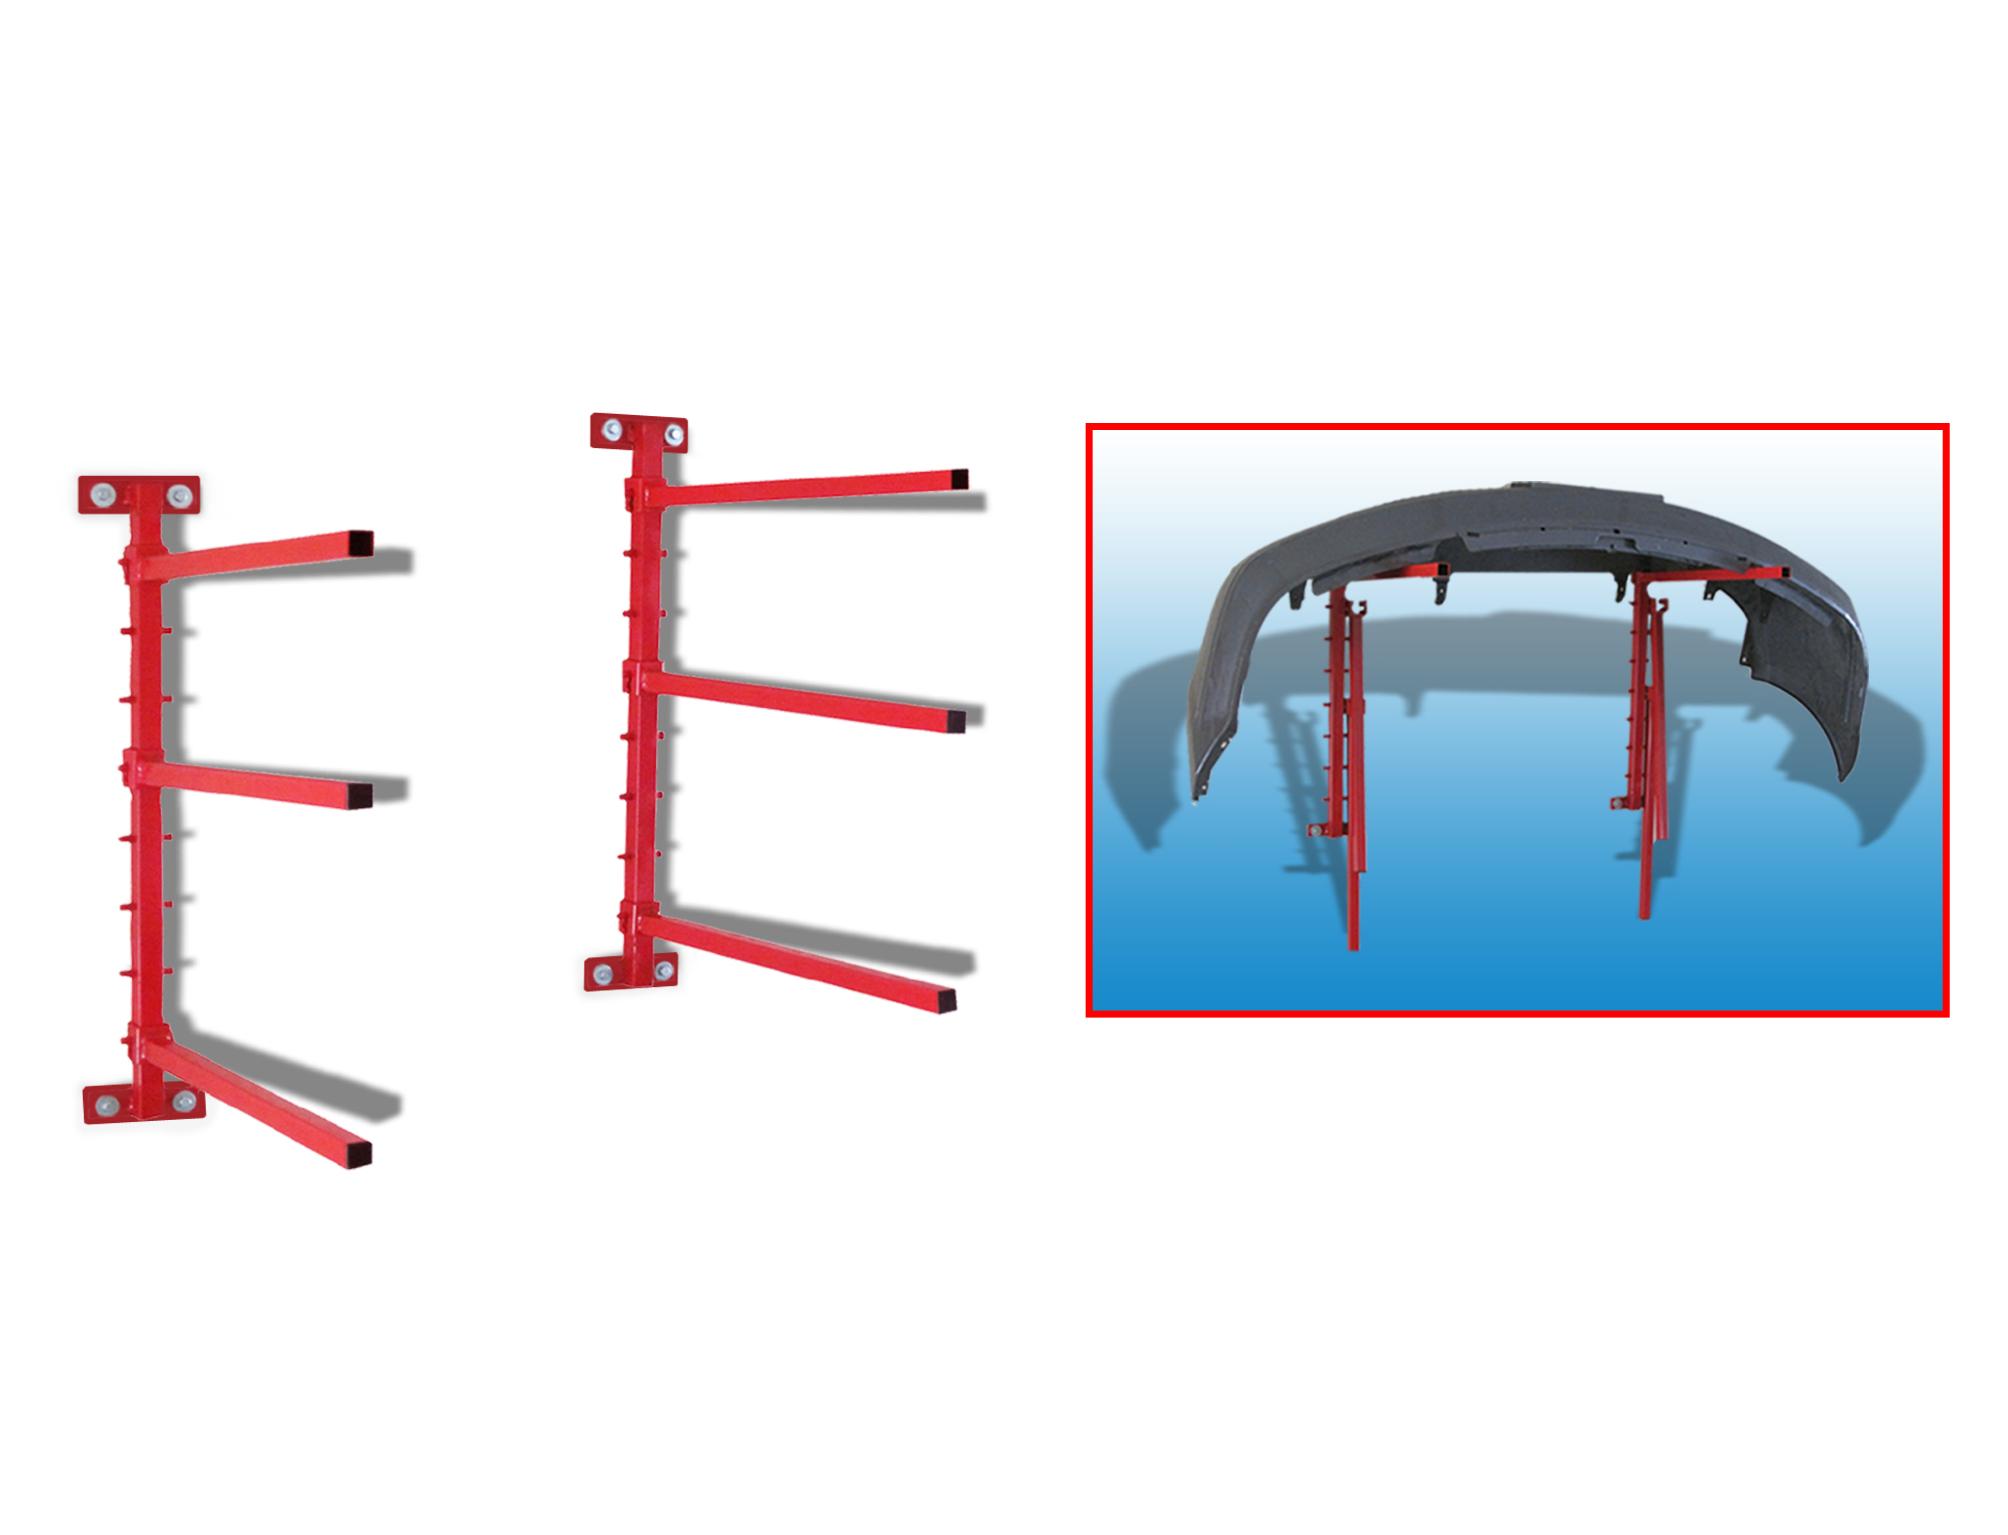 Wall Mount Bumper : Wall mount bumper rack pro teksprayequipment